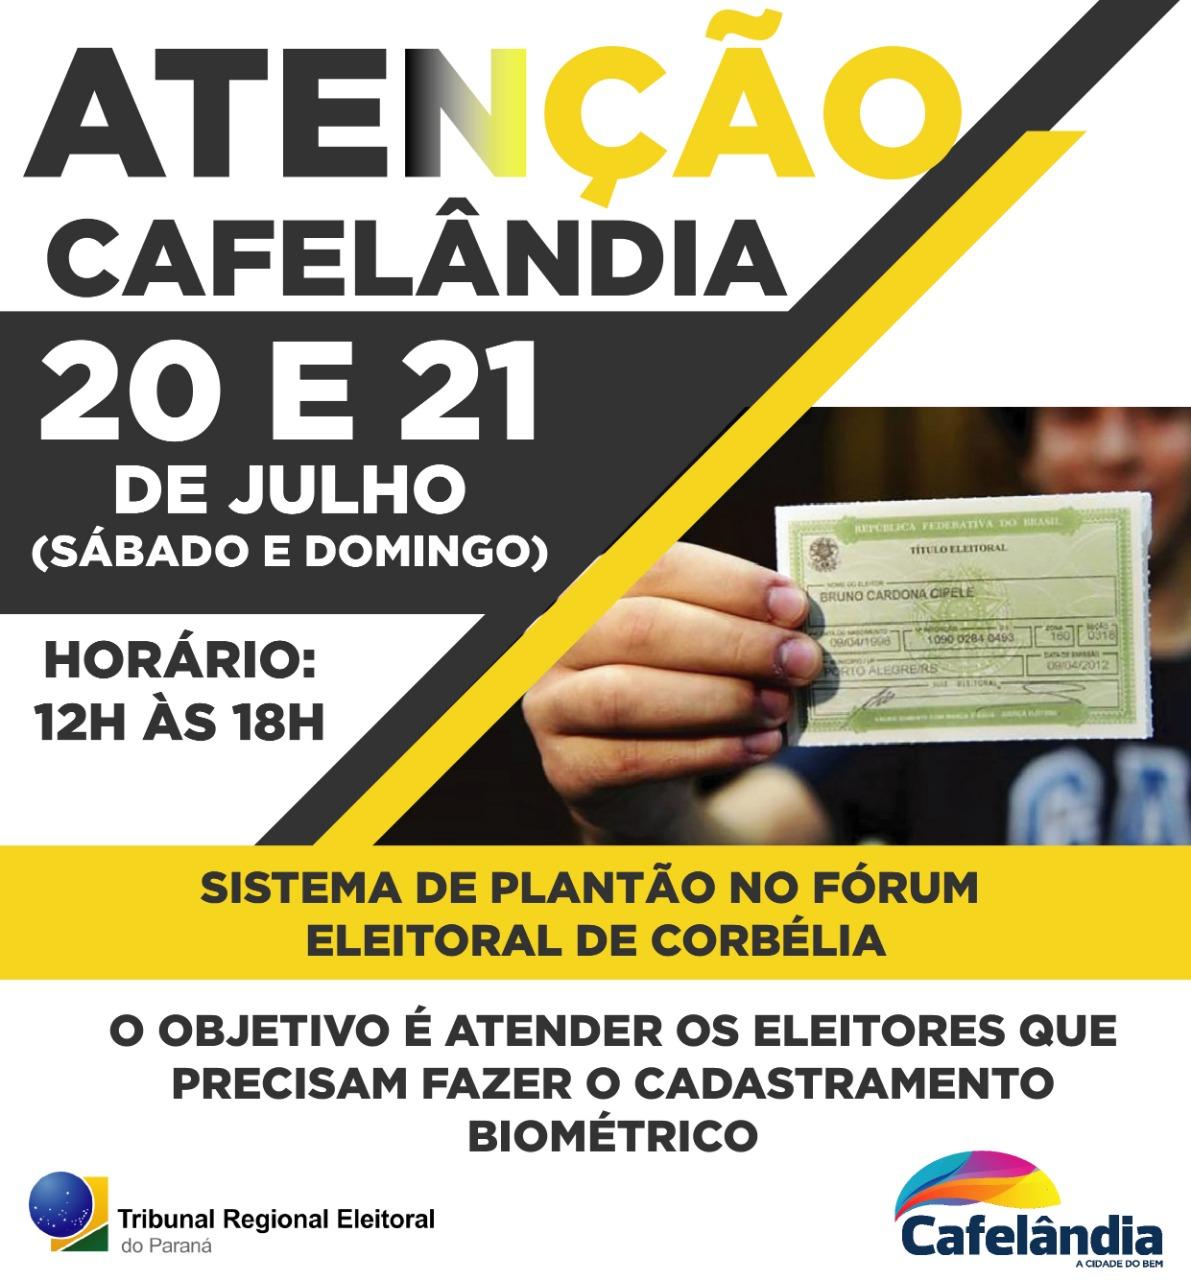 Nos dias 20 e 21 de Julho o Fórum Eleitoral de Corbélia atenderá em sistema de plantão para cadastramento biométrico